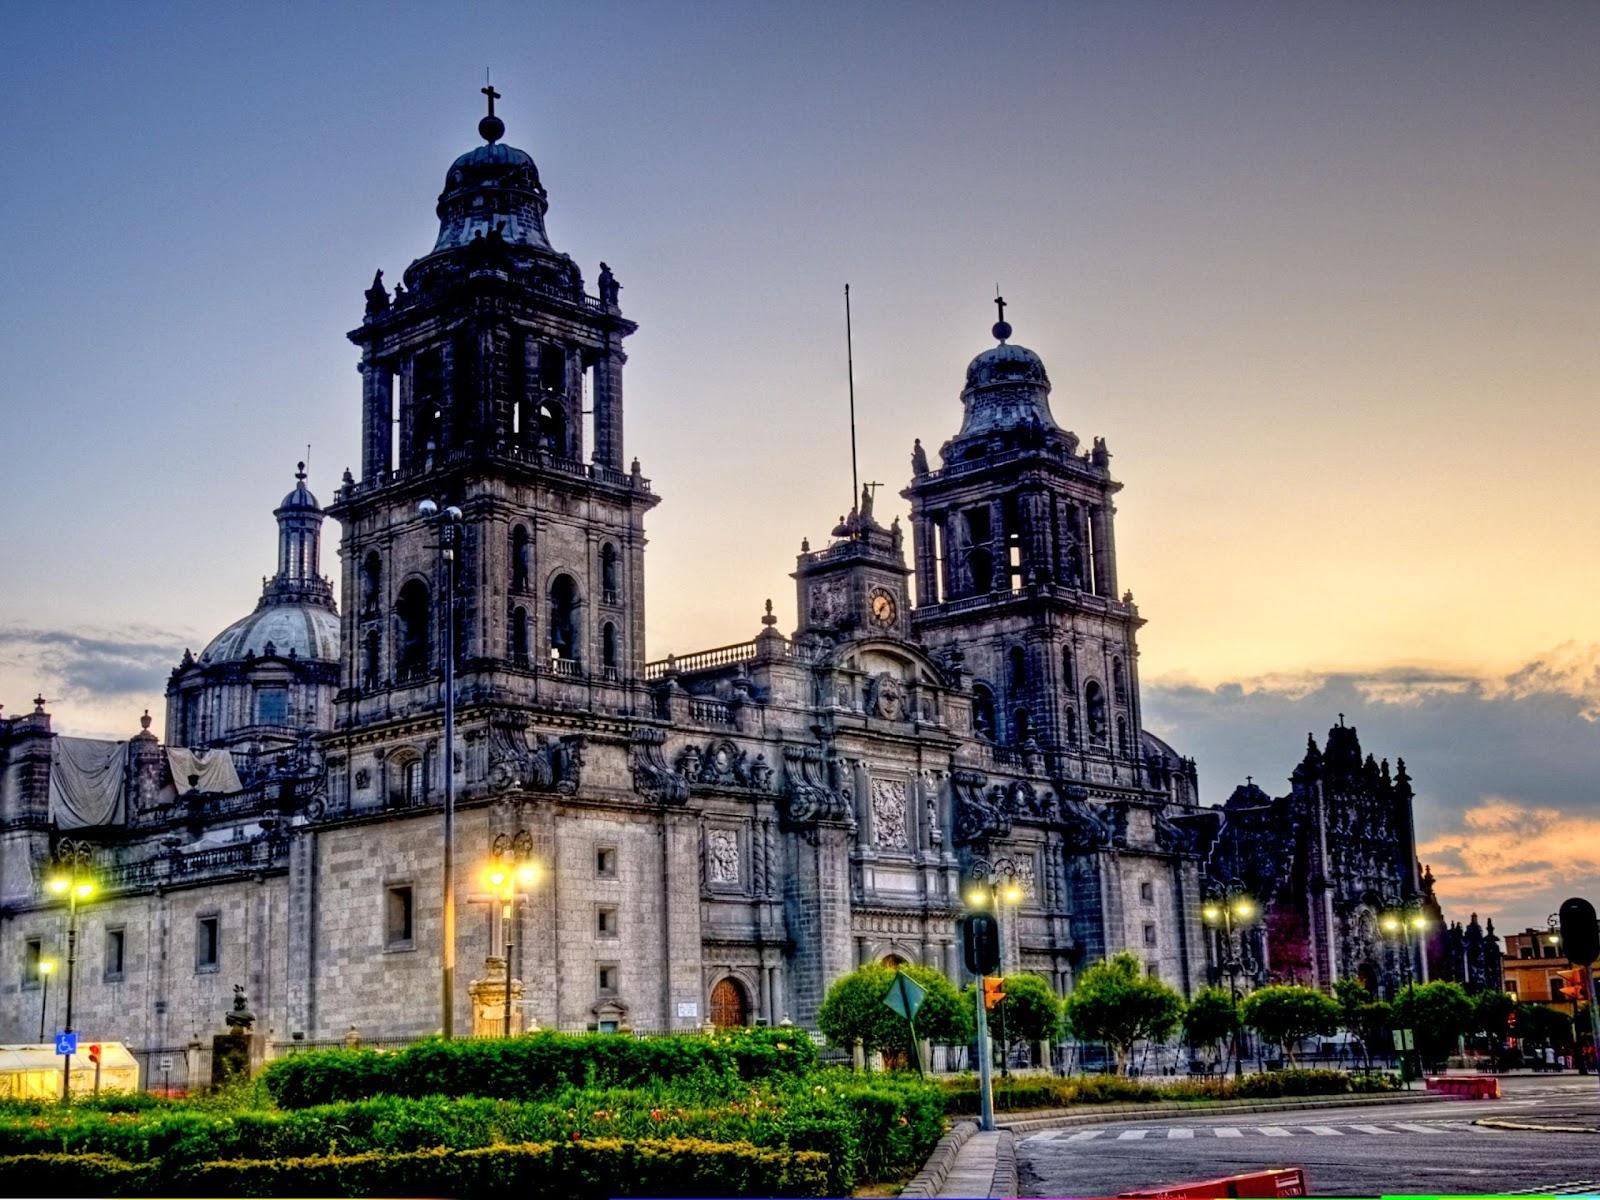 C:\Users\rwil313\Desktop\Cathdral in Mexico City.jpg